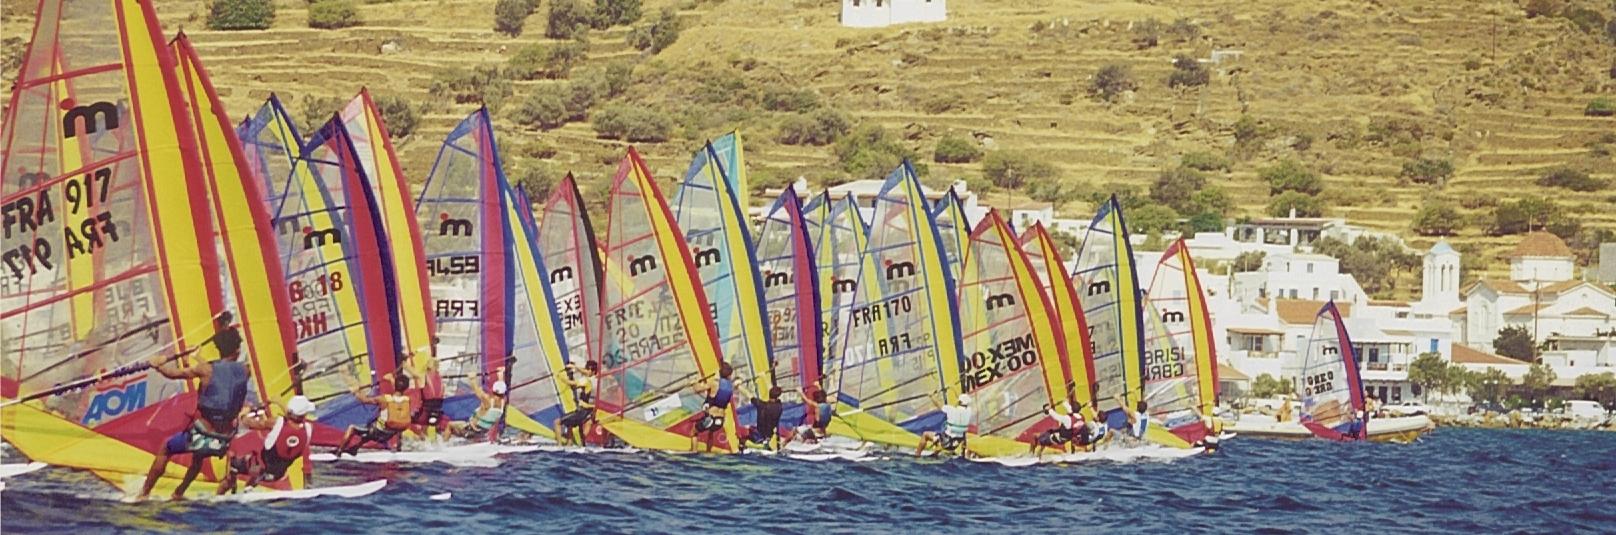 Ifjúsági Világbajnokság, Görögország, Androsz sziget